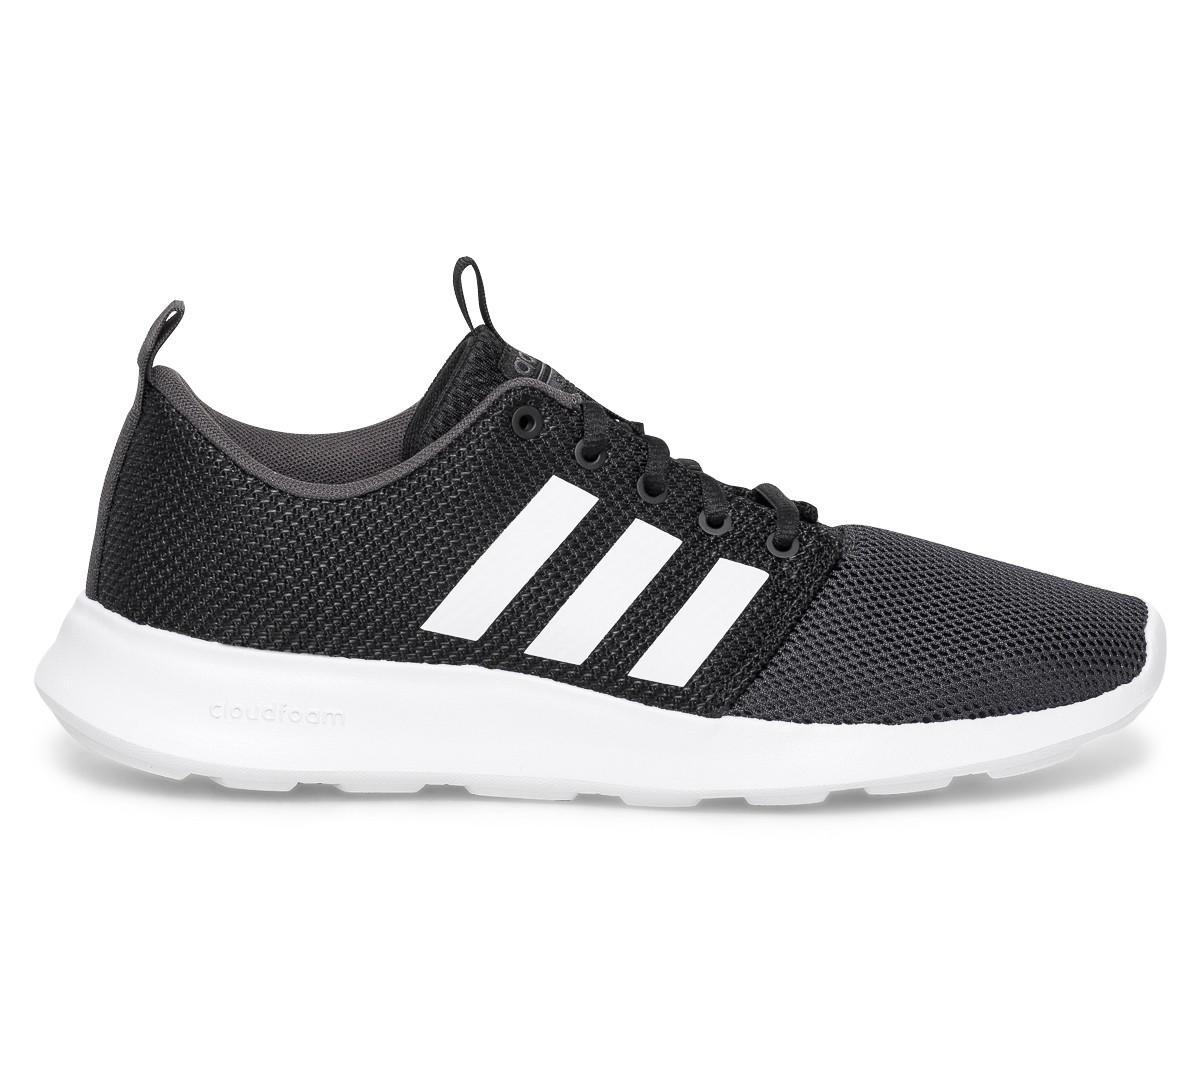 100% Authentique basket adidas blanche et noir Outlet en ligne